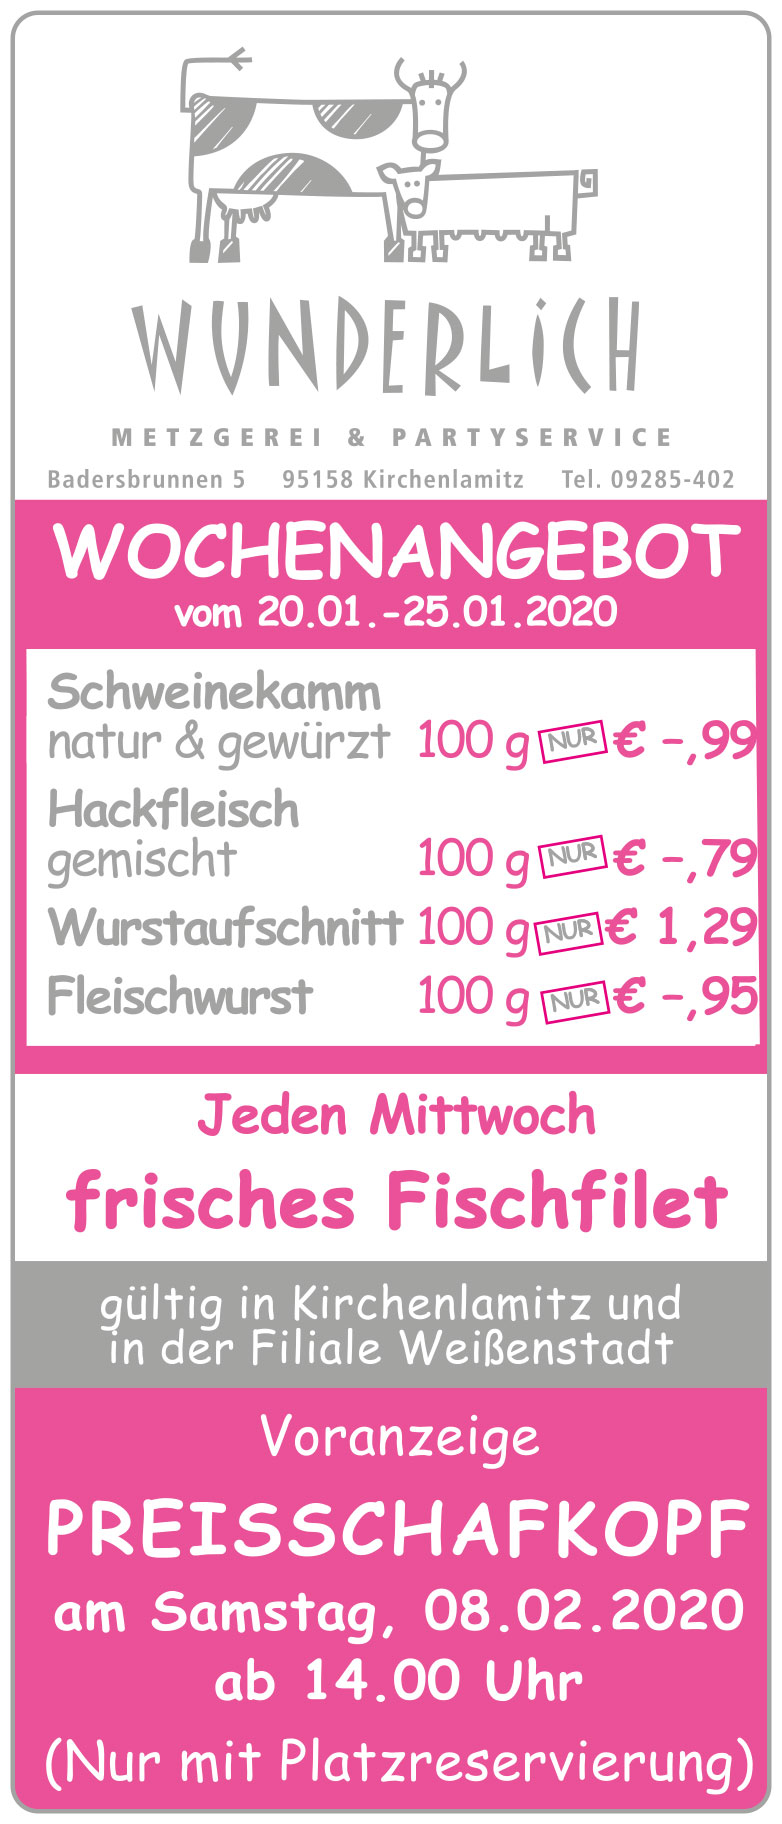 Anzeige-Wunderlich-01-2020